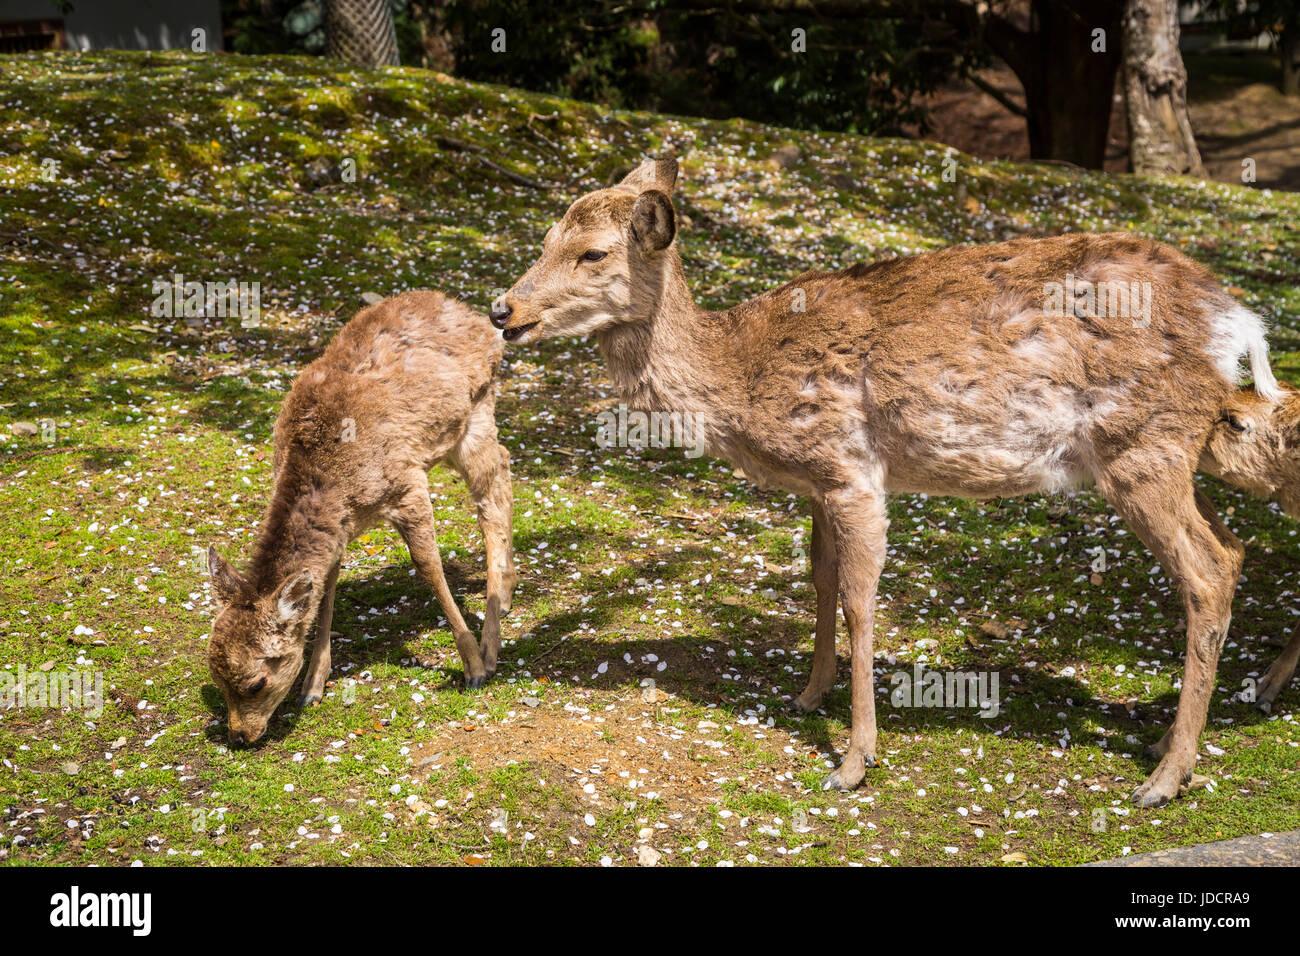 Nara Park deer in Nara Prefecture, Honshu Island, Japan. - Stock Image